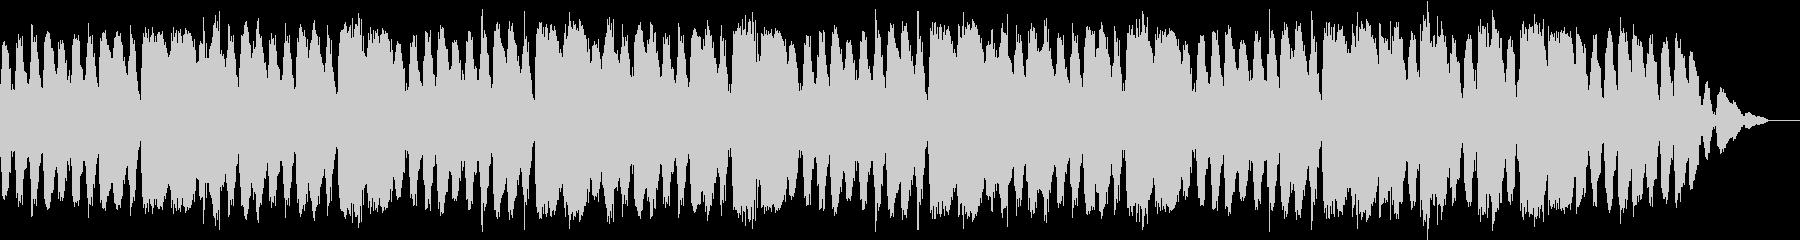 涼し気なサウンドの安らぎ音楽の未再生の波形